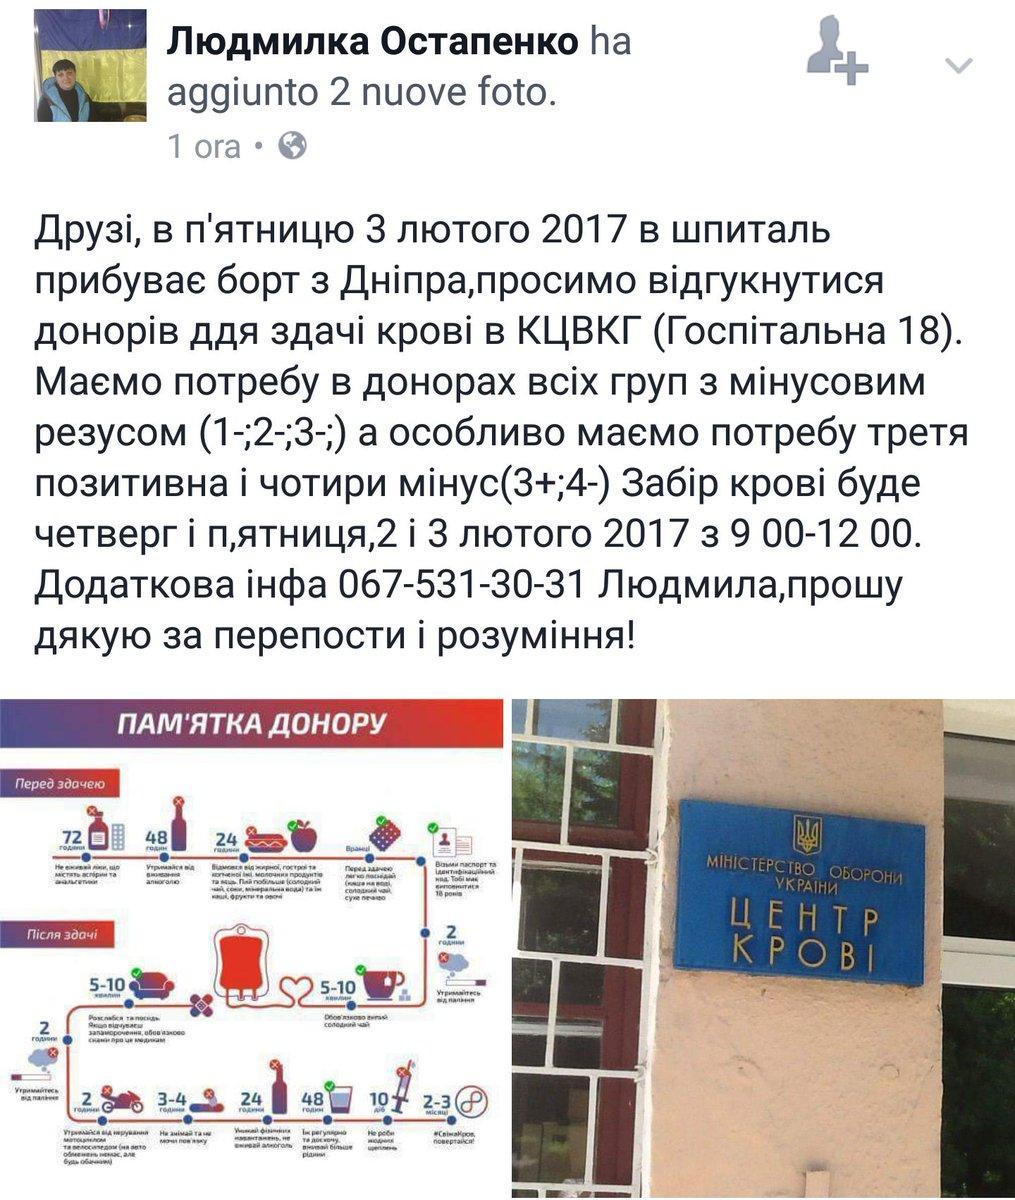 Задержанный в Авдеевке корректировщик огня боевиков оказался крымчанином, его везут в Киев, - Сарган - Цензор.НЕТ 6778